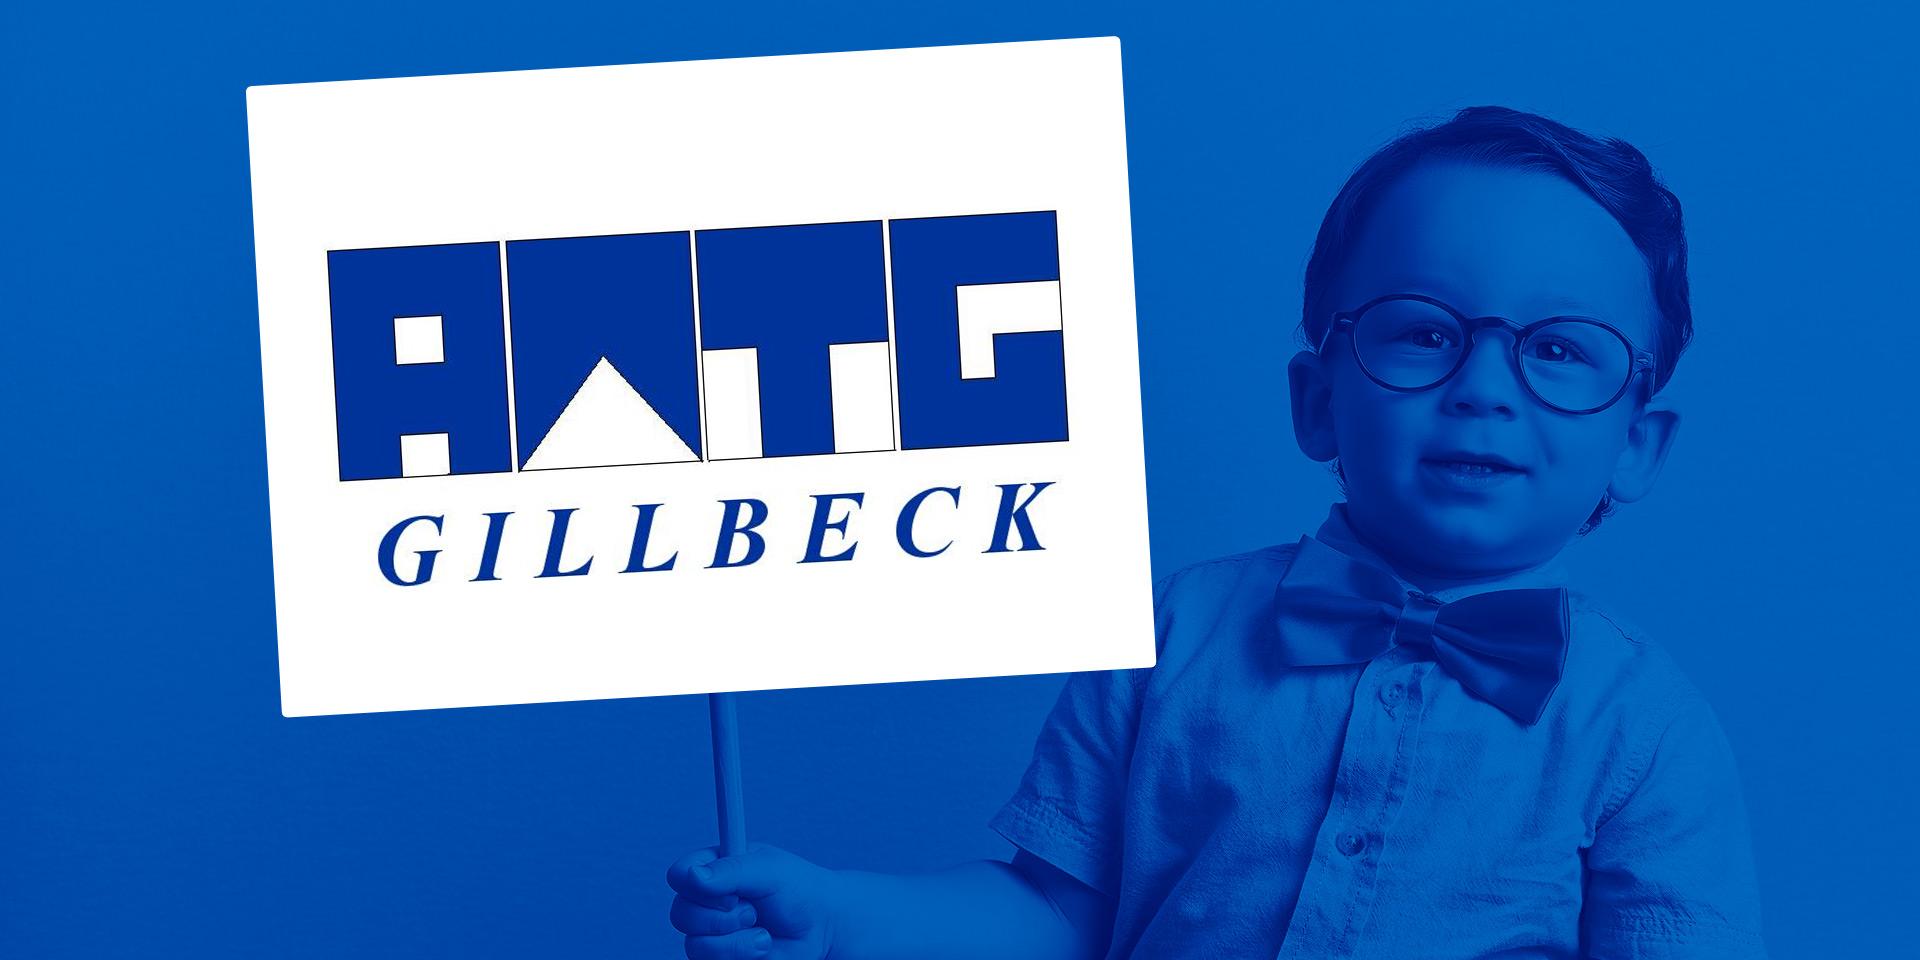 AWTG Gillbeck Steuerberatungsgesellschaft aus Ober-Mörlen